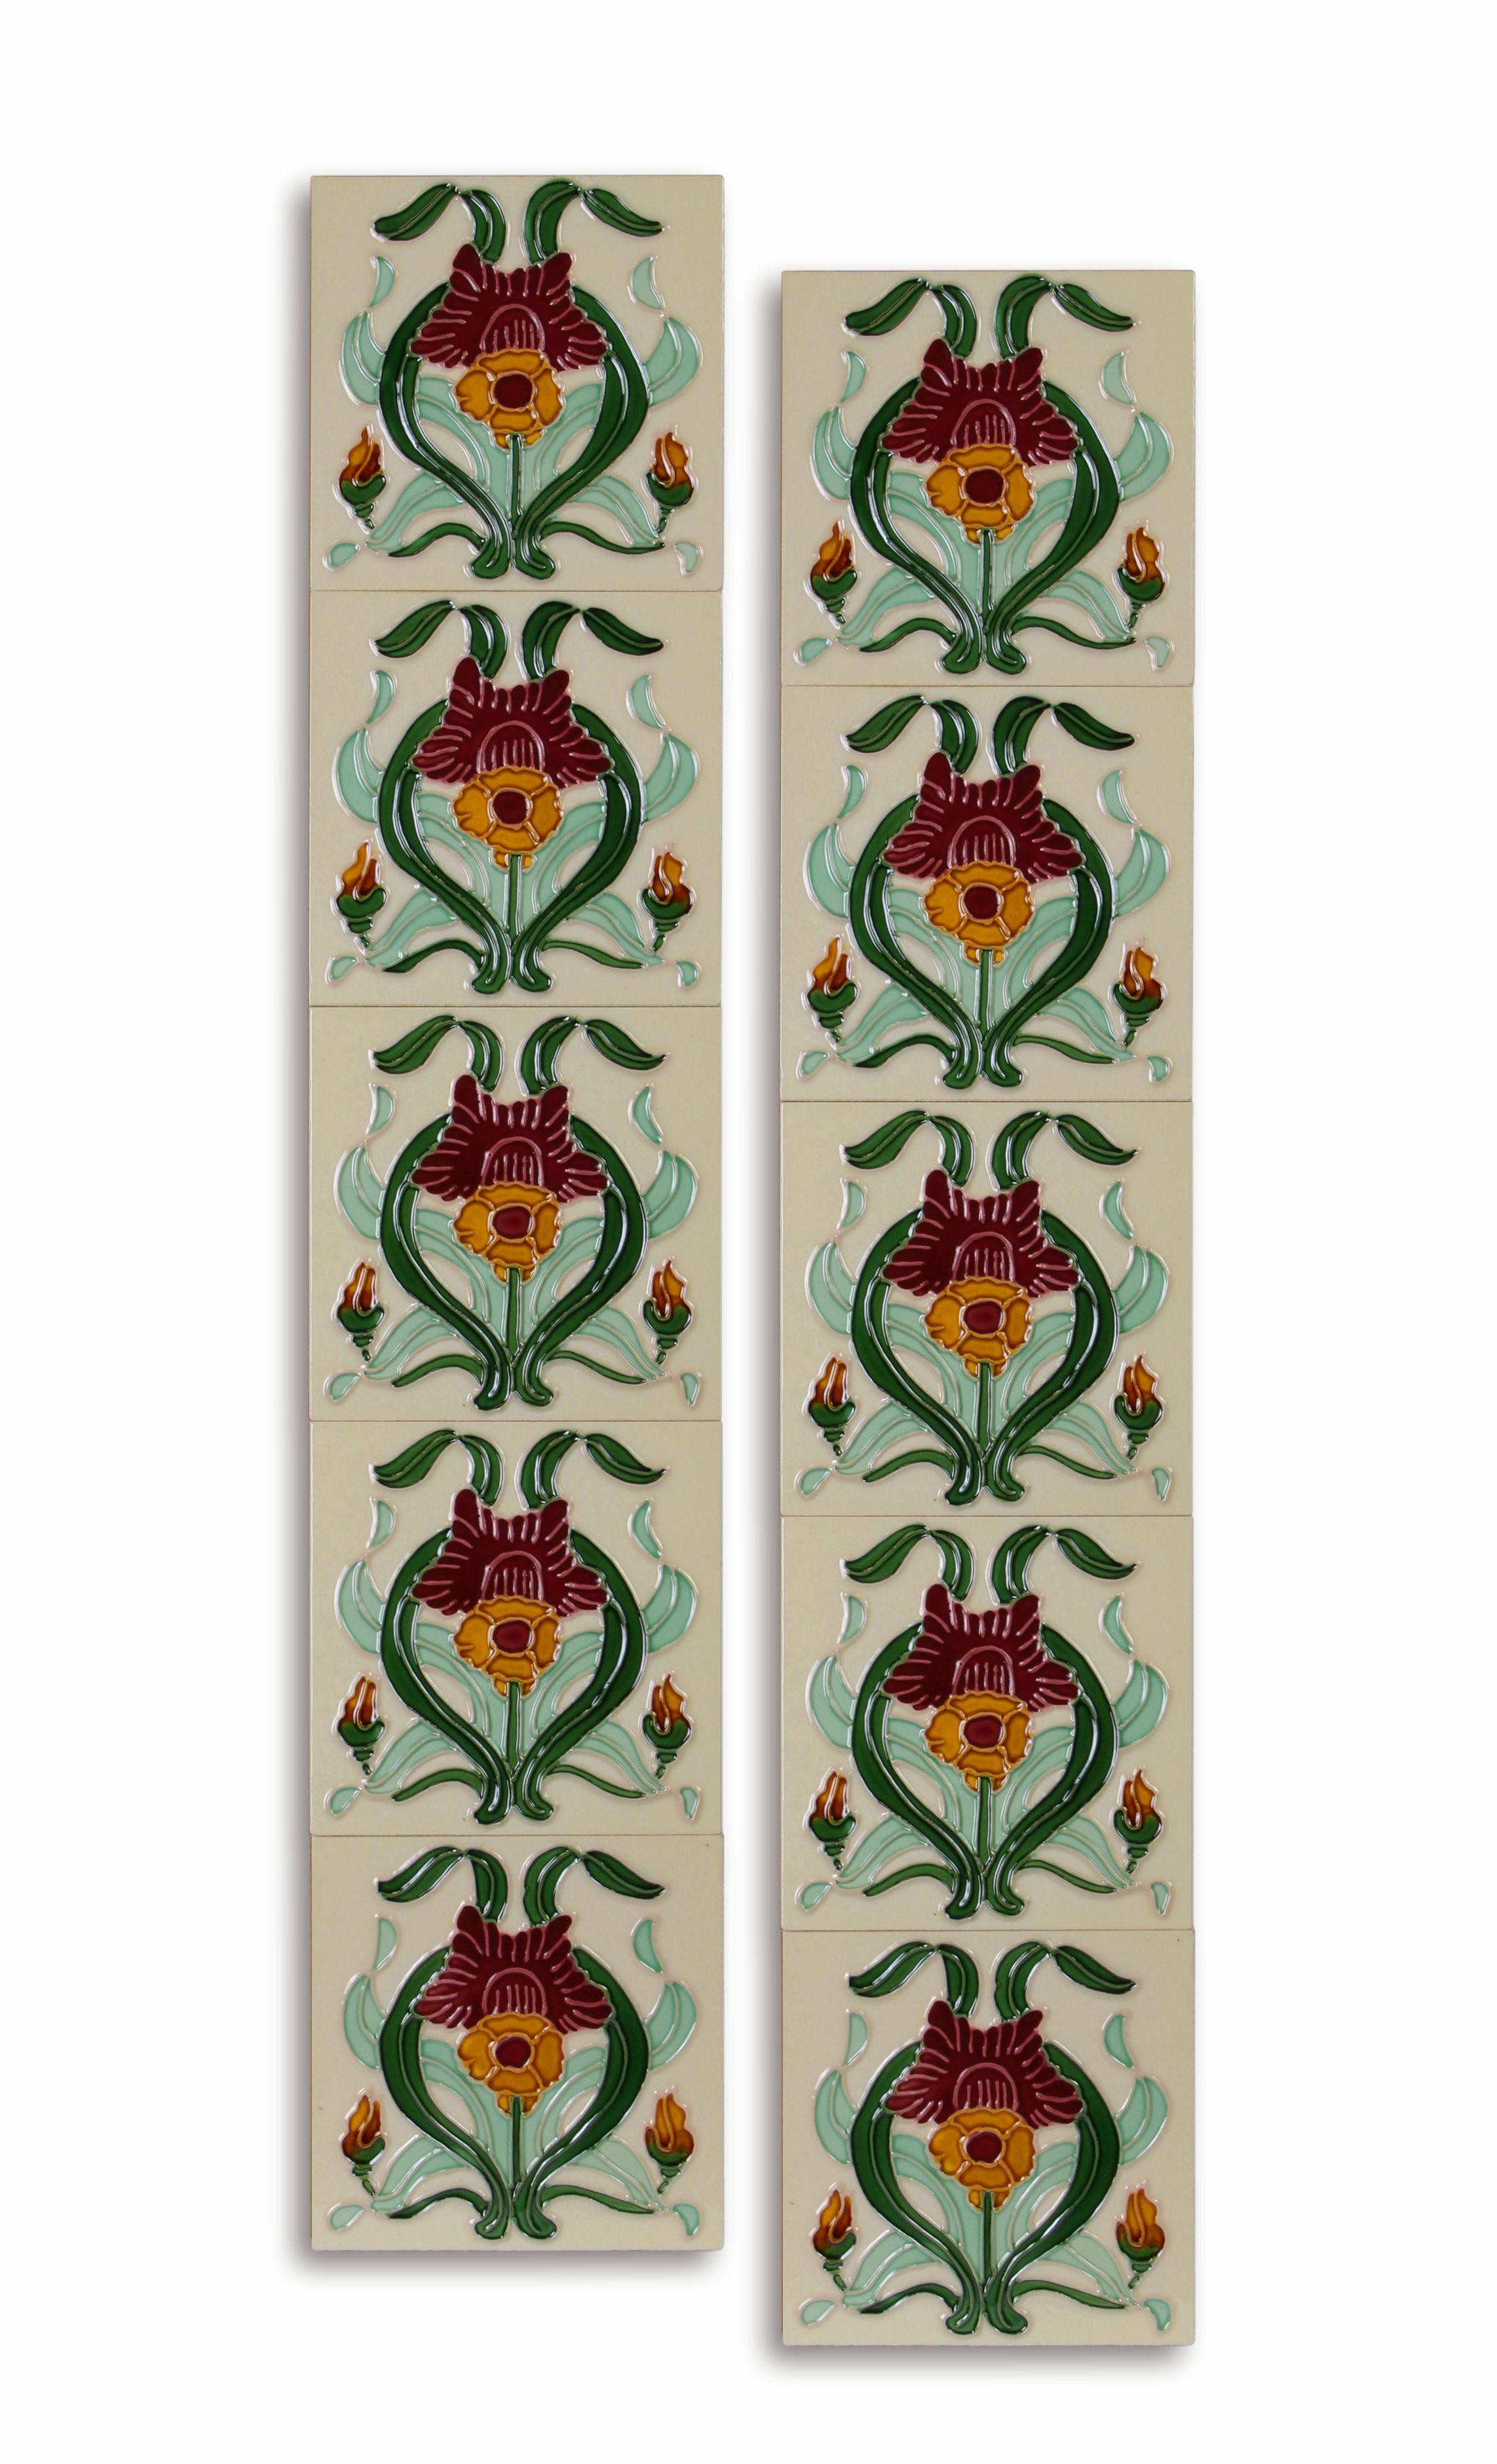 10 Stück Keramik Fliesen Wandfliesen Kacheln Jugendstil 15,2 x 15,2 cm Retro